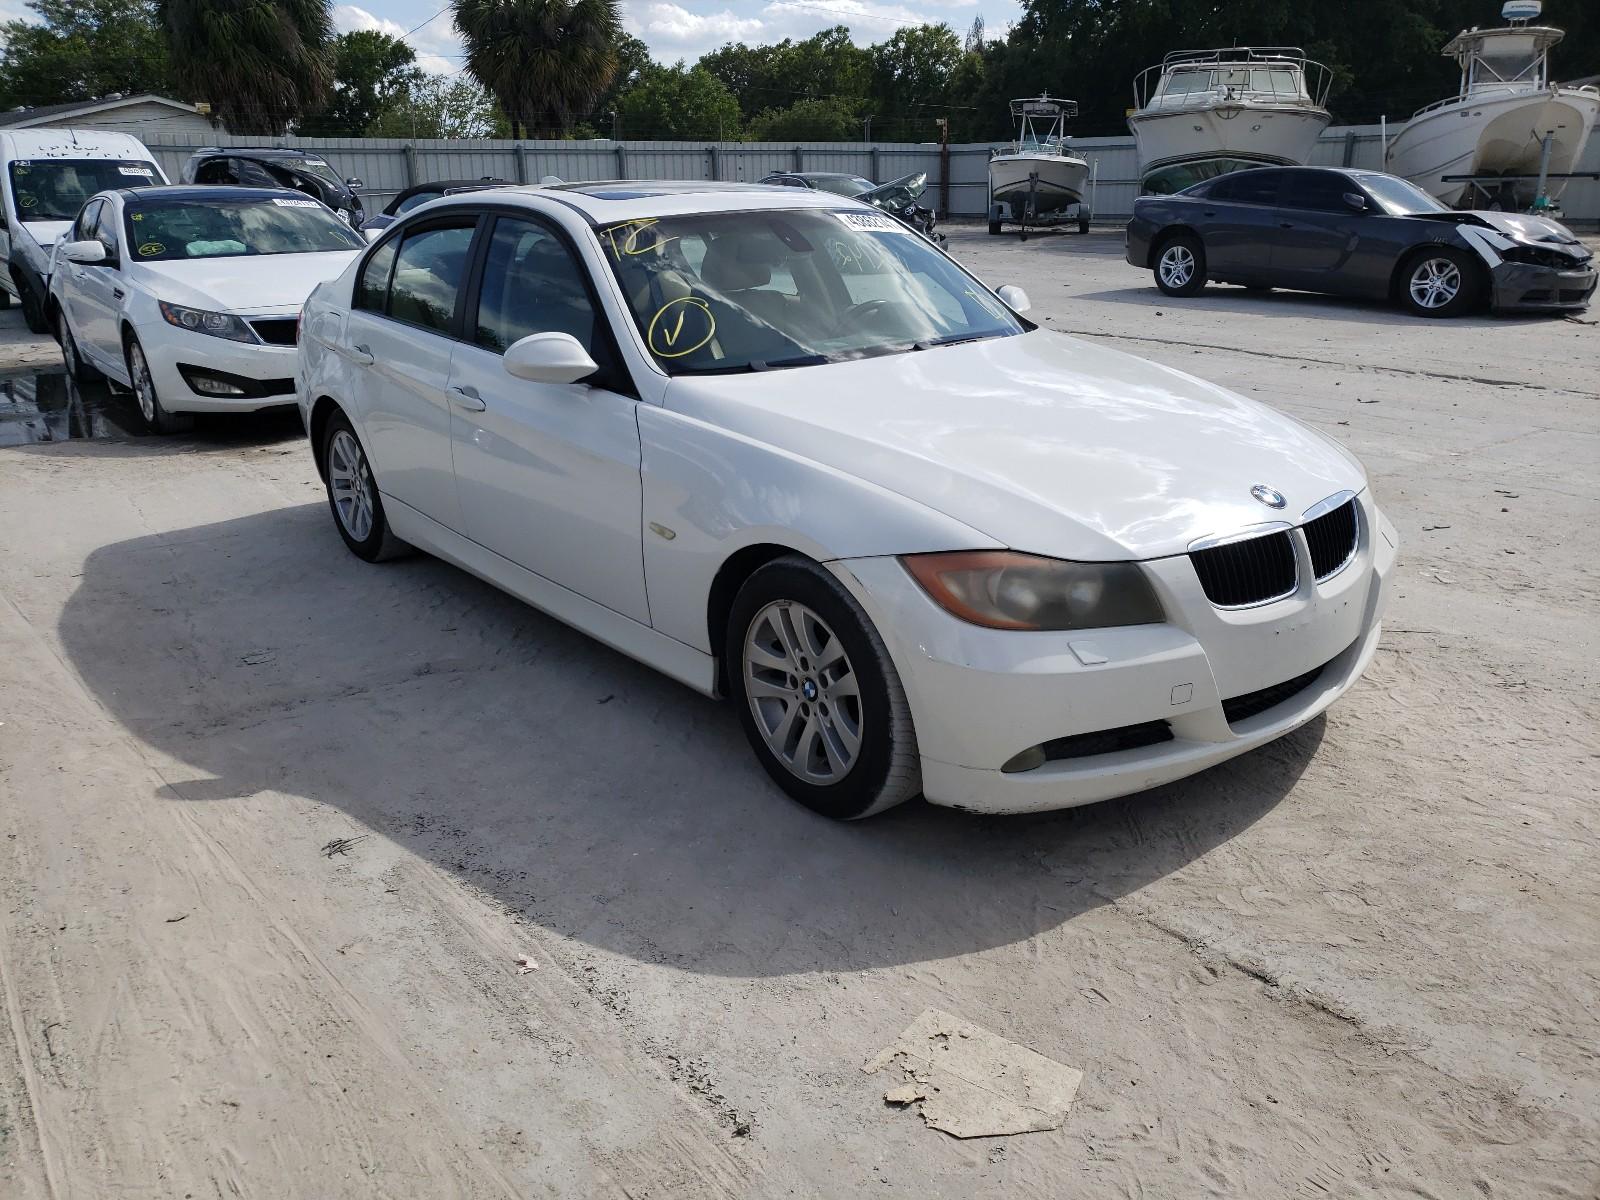 2007 BMW 328 I SULE - WBAVC535X7FZ81444